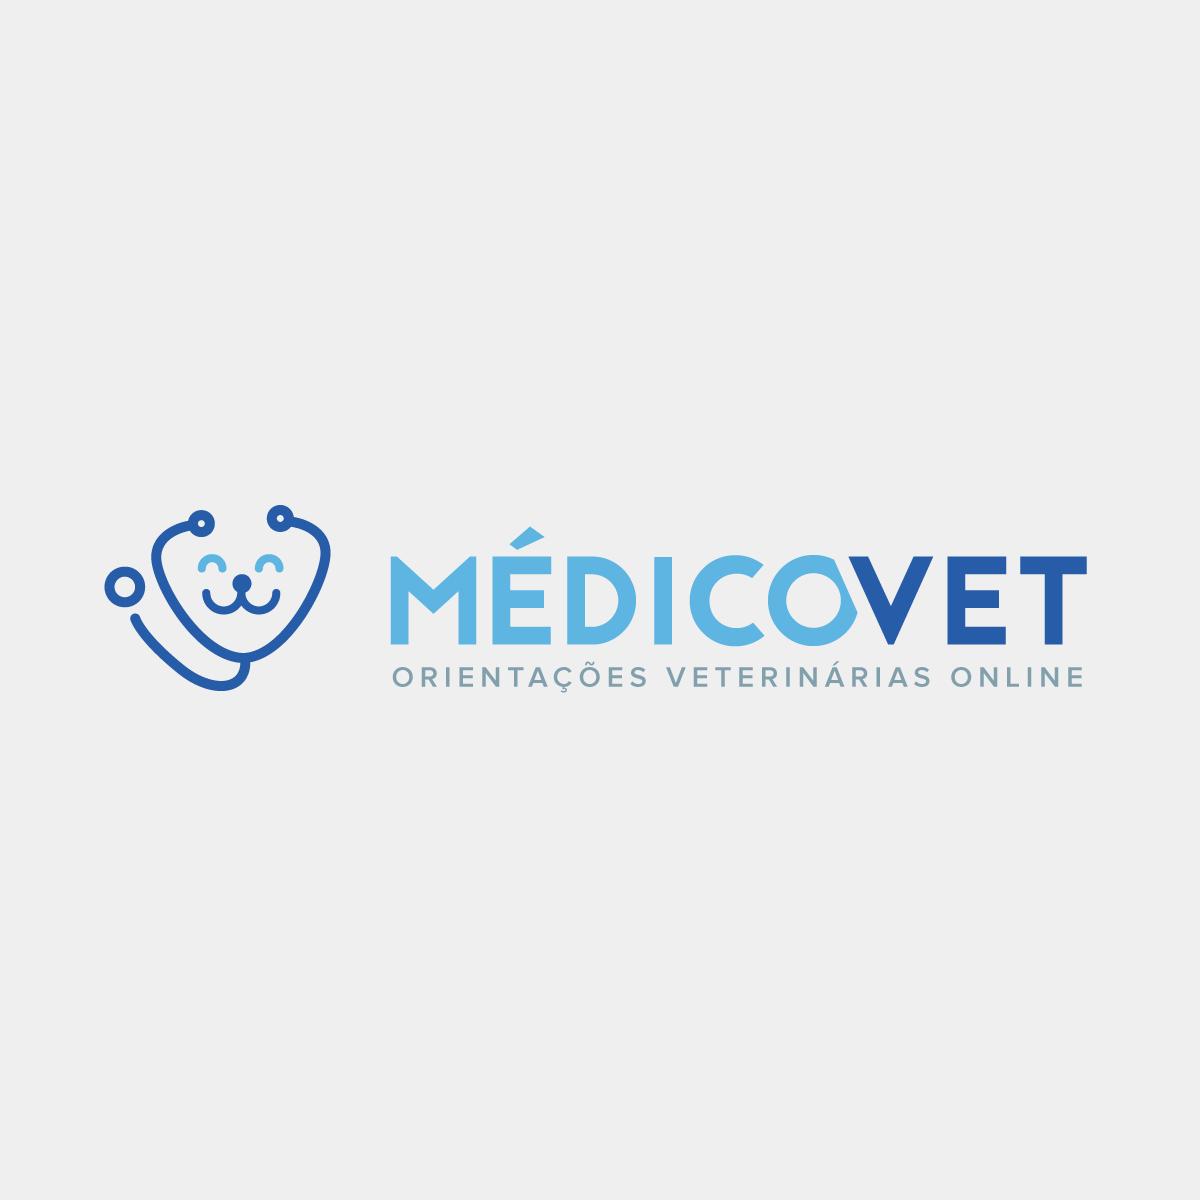 http://brasiltelemedicina.com.br/wp-content/uploads/2016/07/medico-vet-1200x1200.png